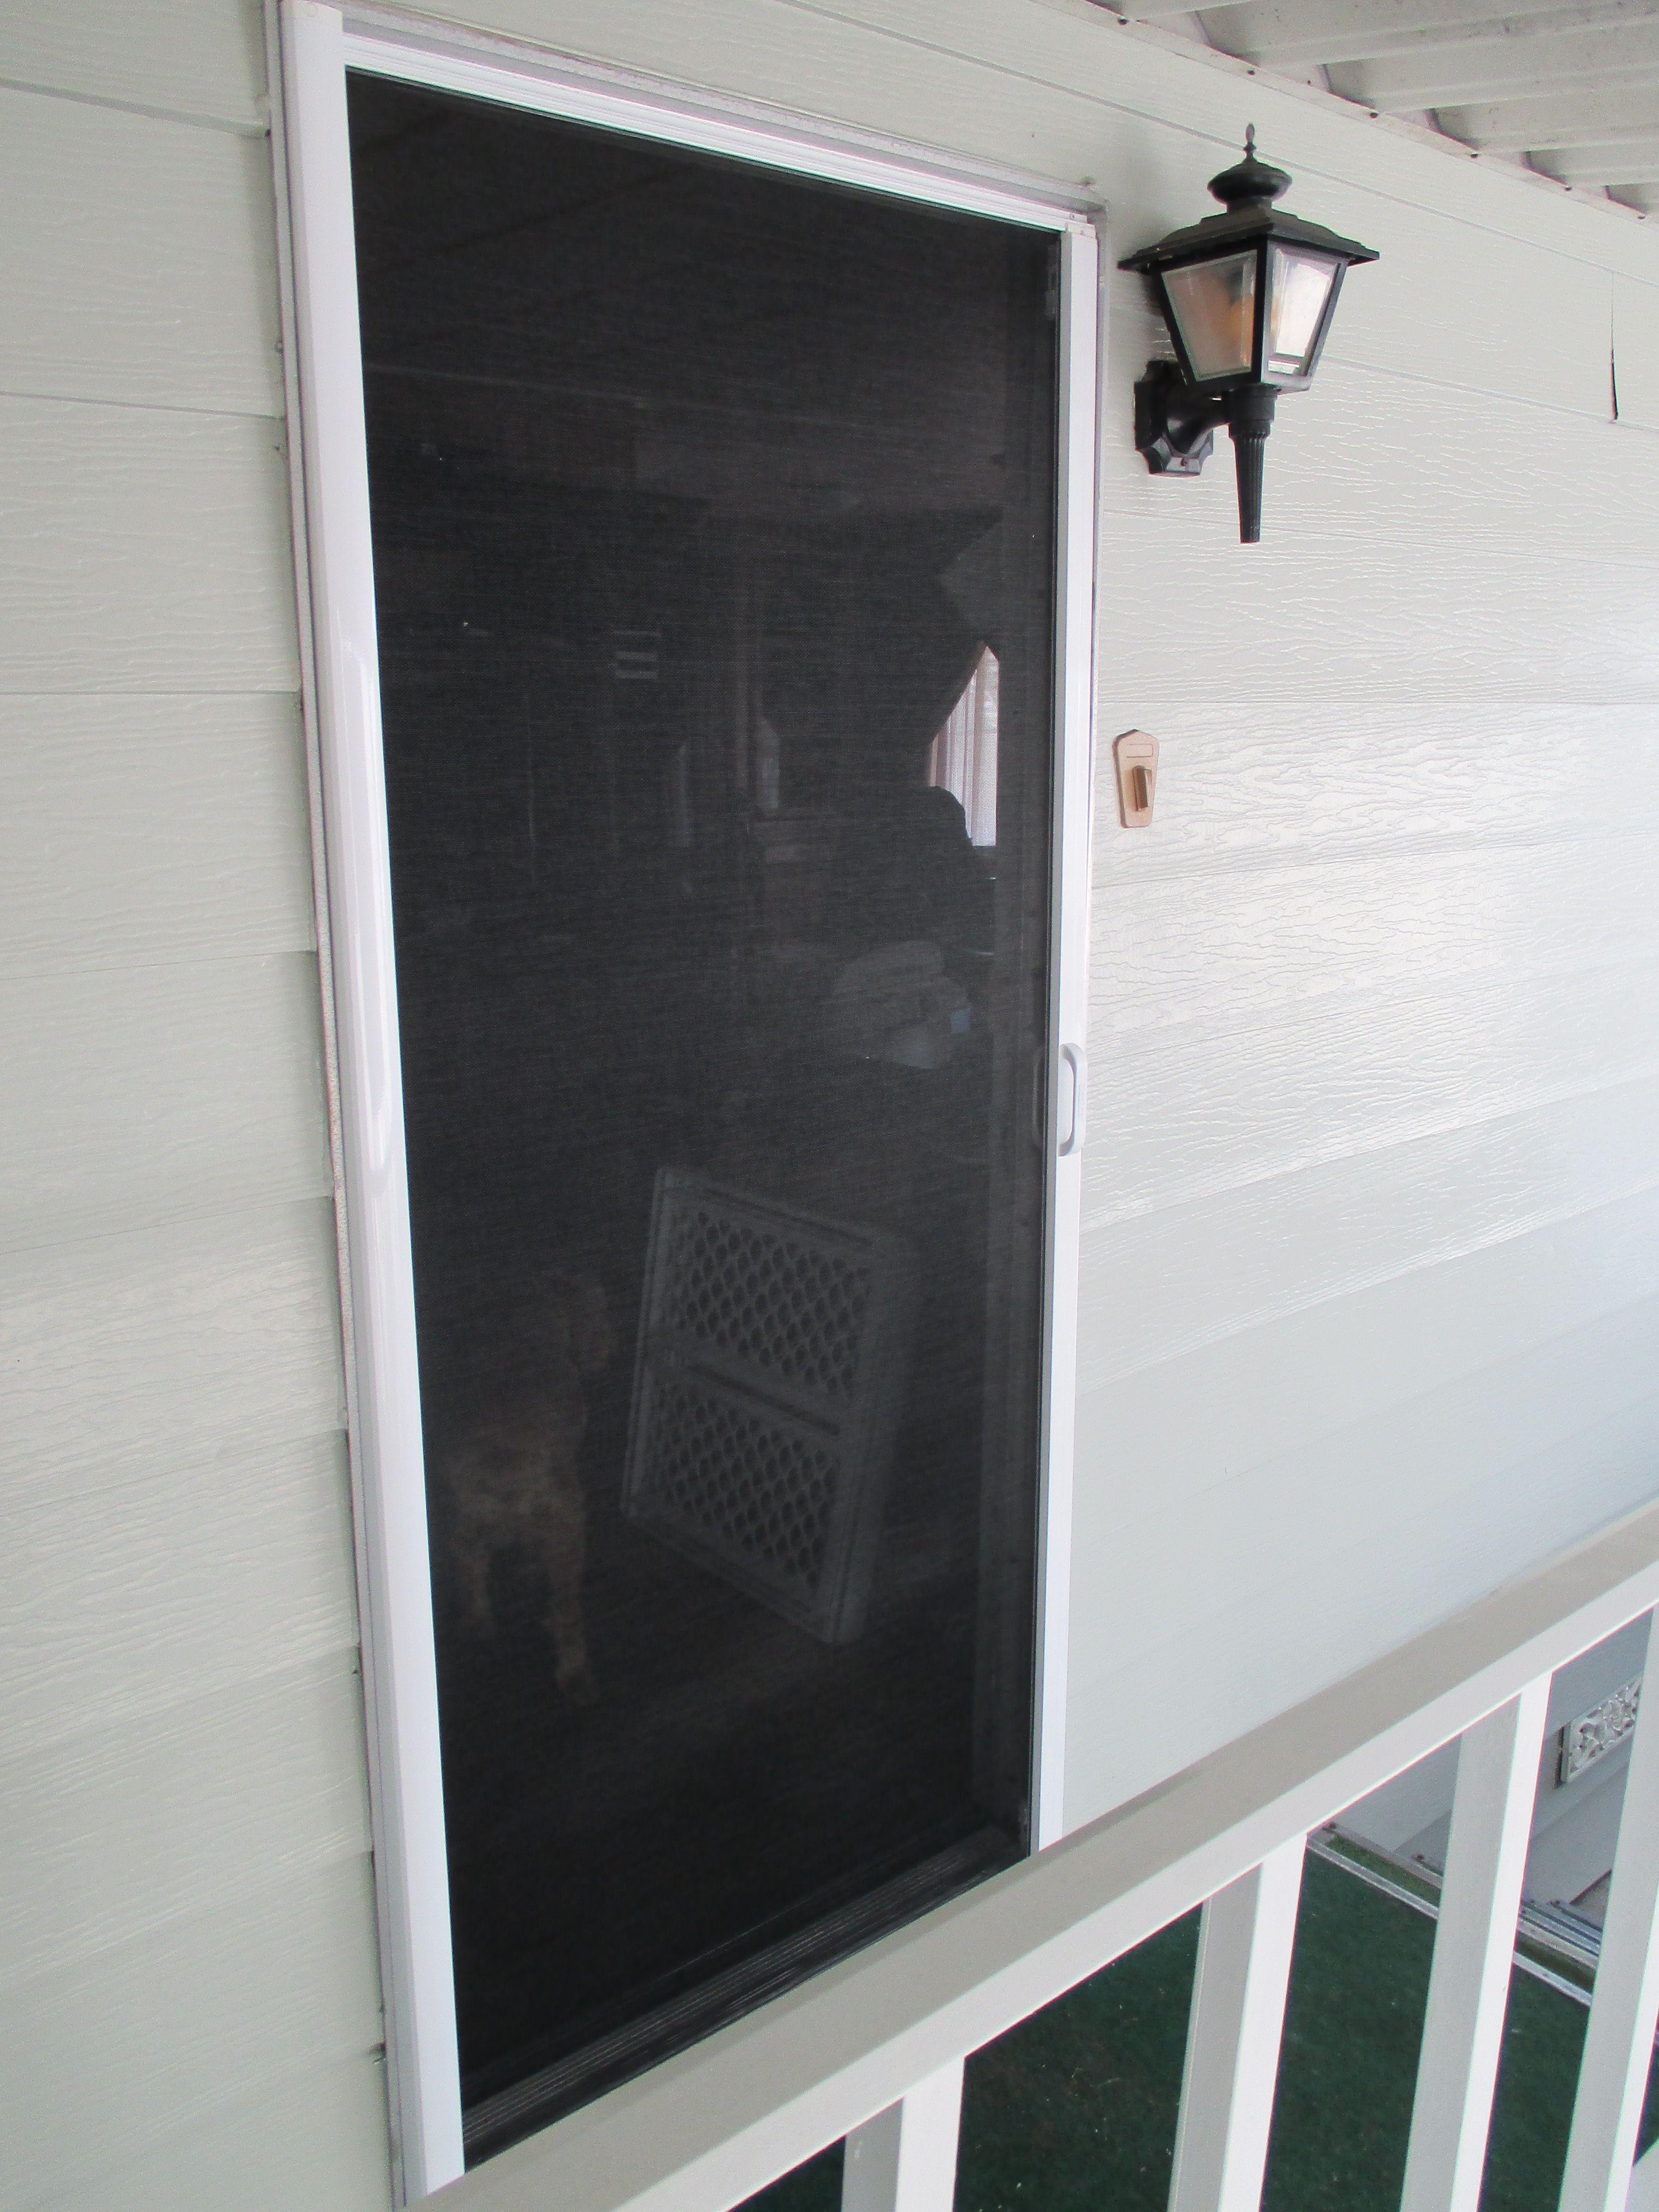 Mobile Home Stowaway Retractable Screen Door We Get Asked Every Single Day If Our Retractable Screens Will Accomm Modular Homes Retractable Screen Screen Door